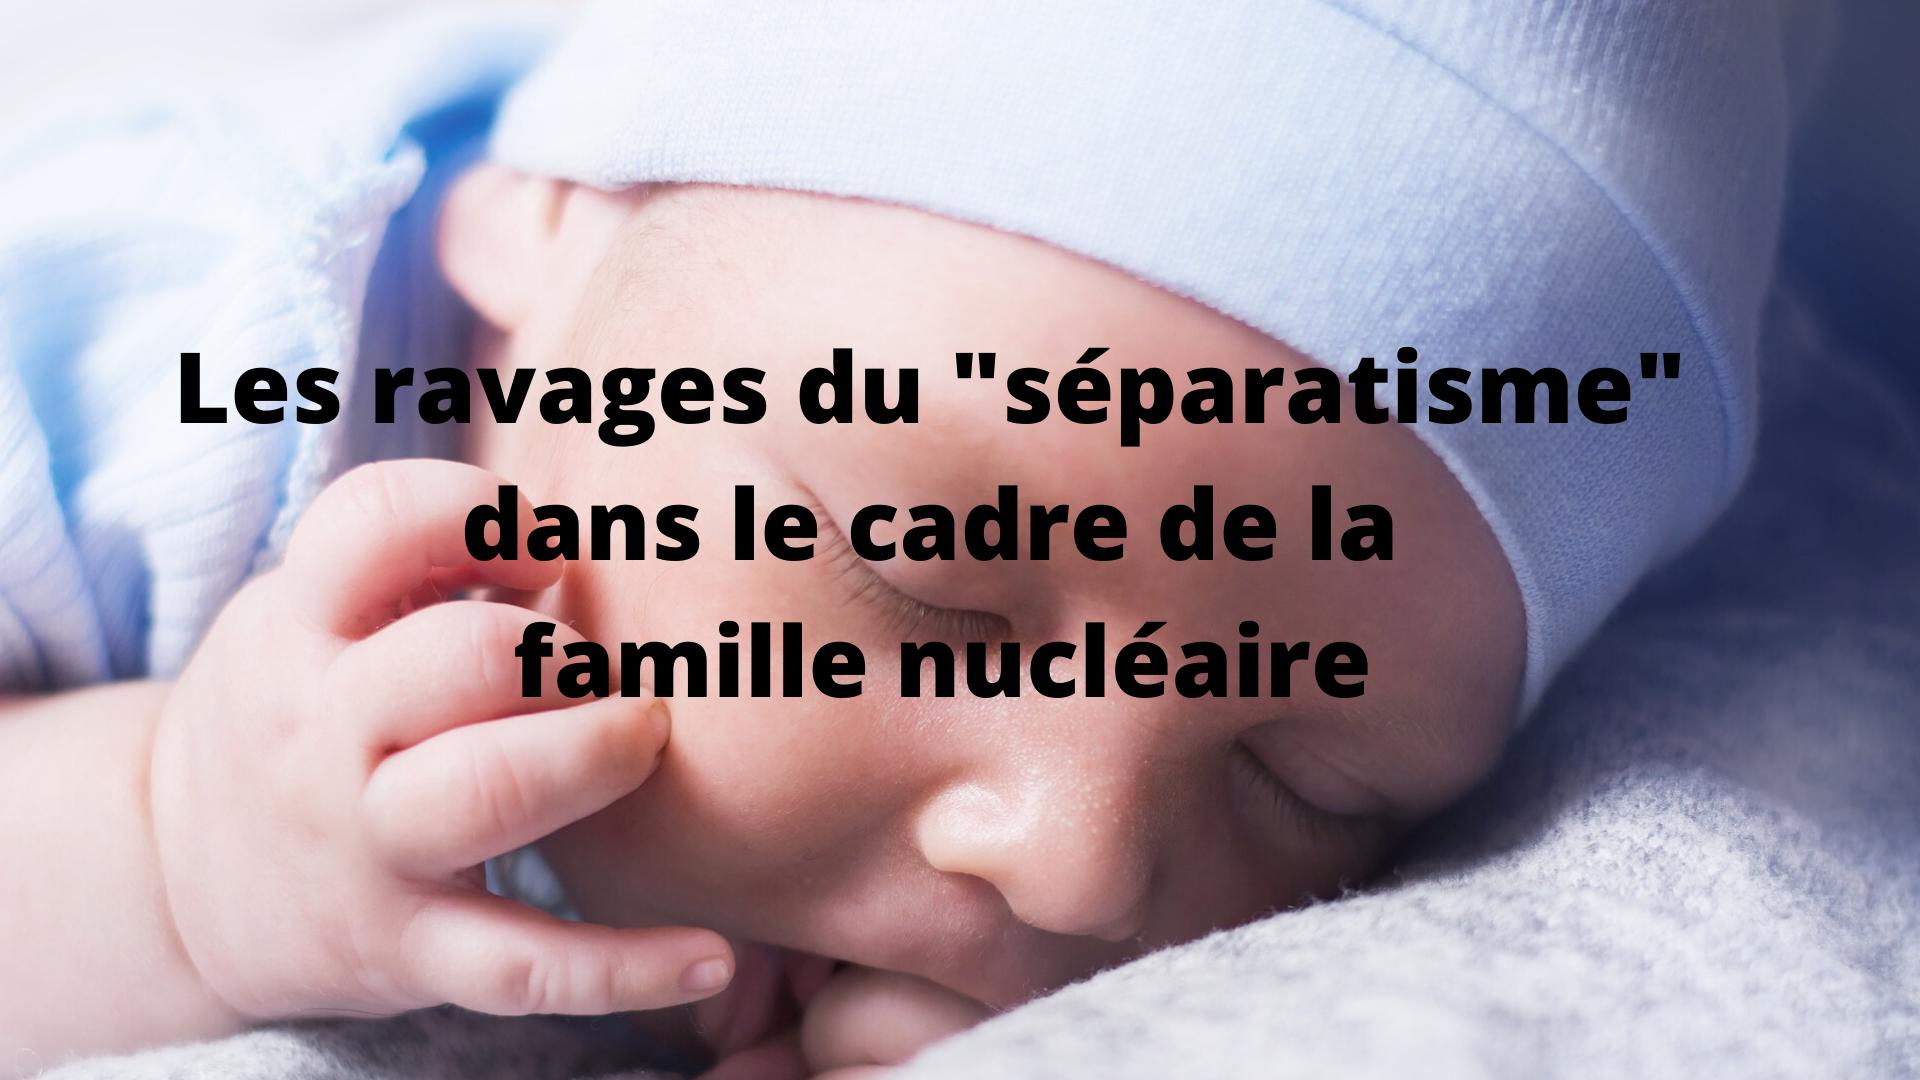 """Les ravages du """"séparatisme"""" dans le cadre de la famille nucléaire."""